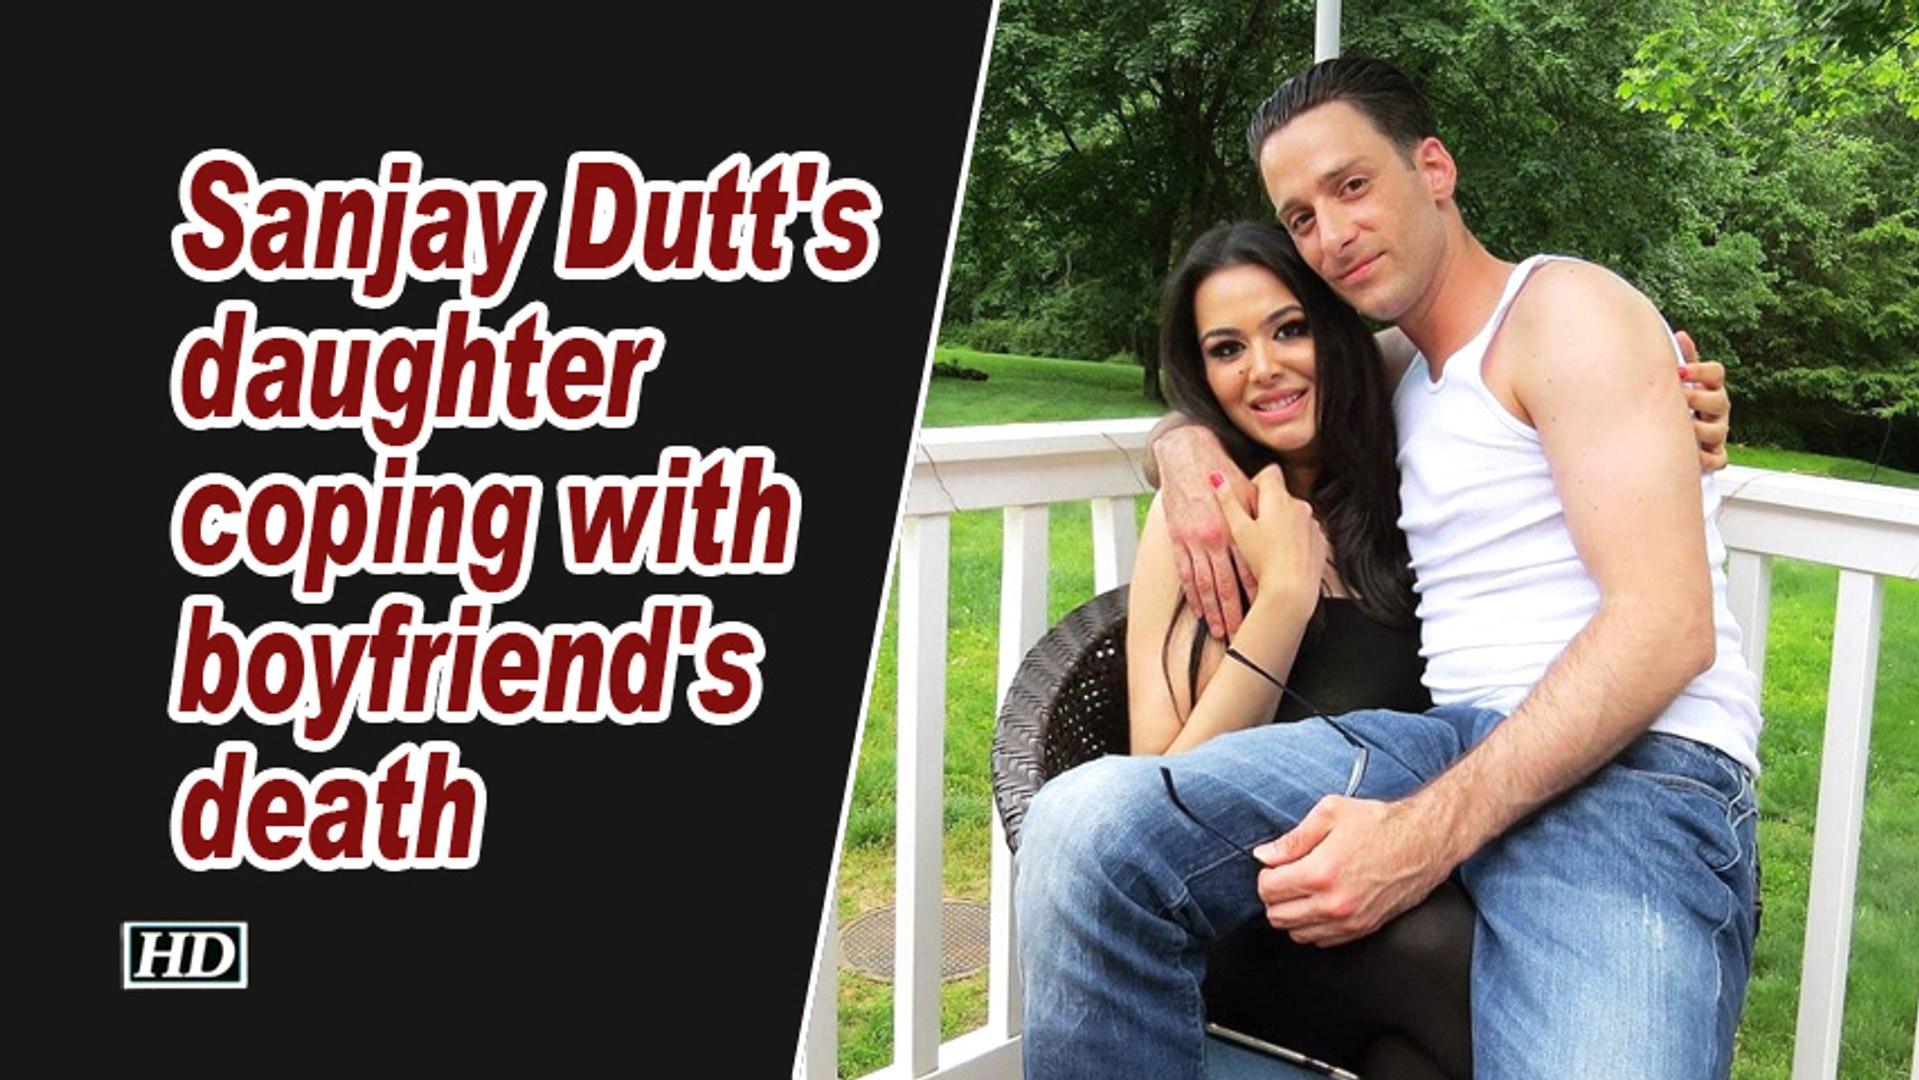 Sanjay Dutt's daughter coping with boyfriend's death